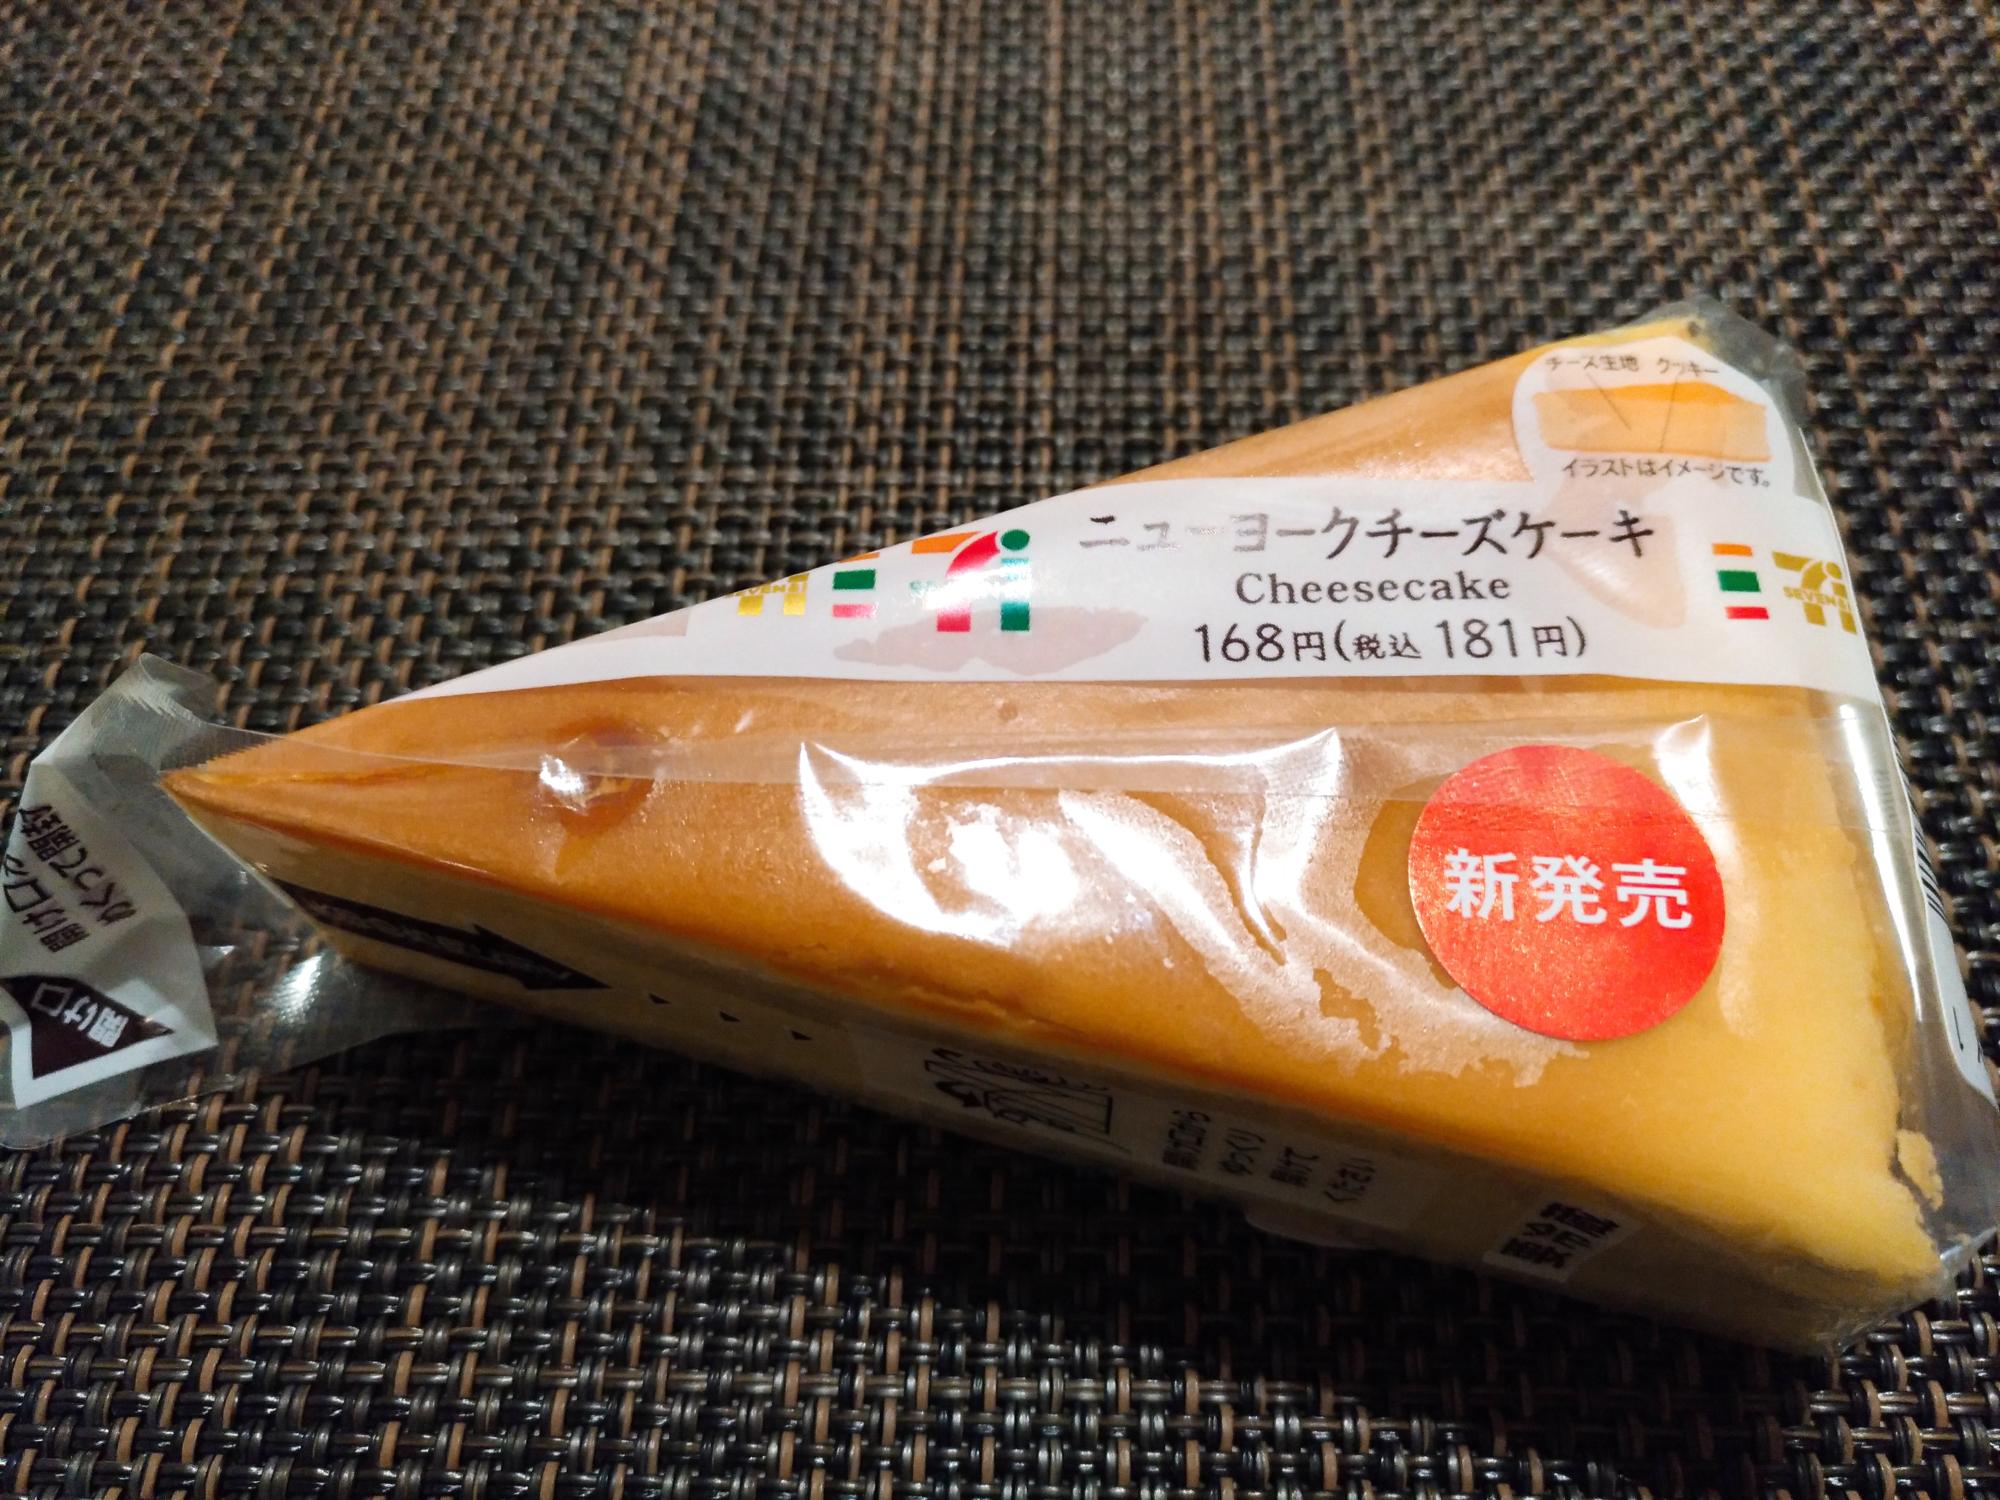 ニューヨークチーズケーキ セブンイレブン (7)_R